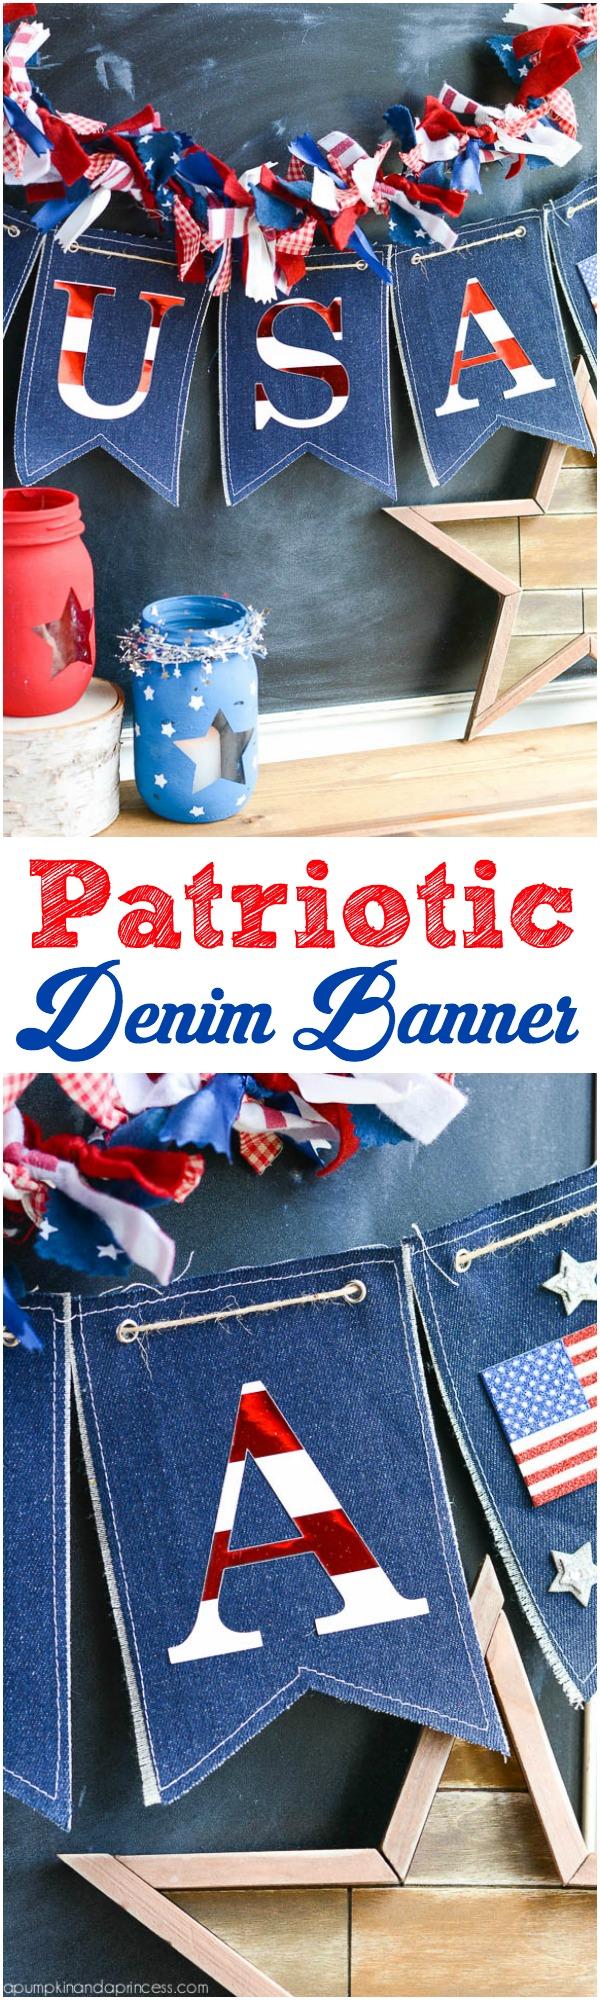 Patriotic Denim Banner